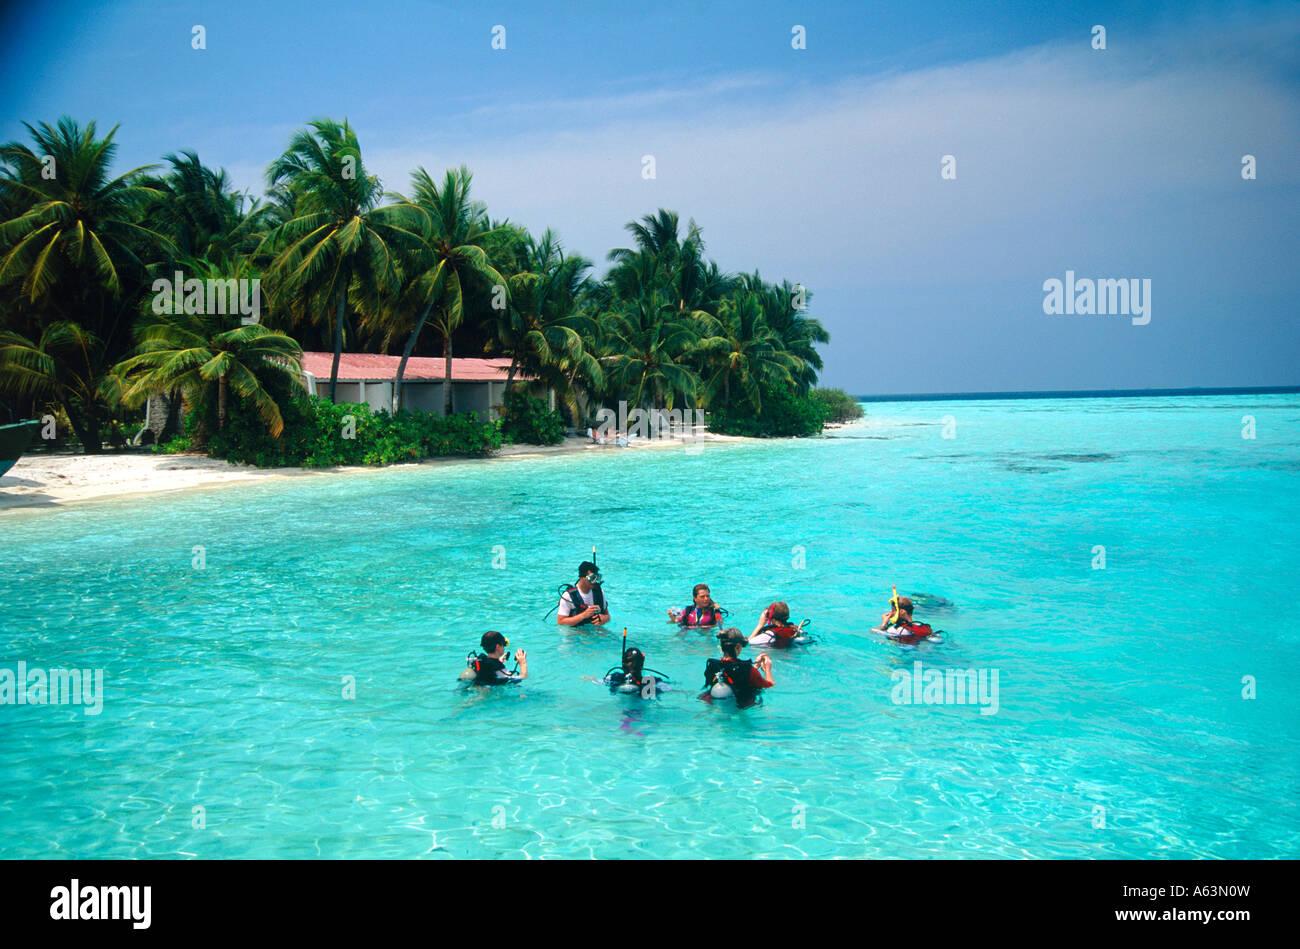 Diving School At Holiday Resort Island Of Villivaru Maldives